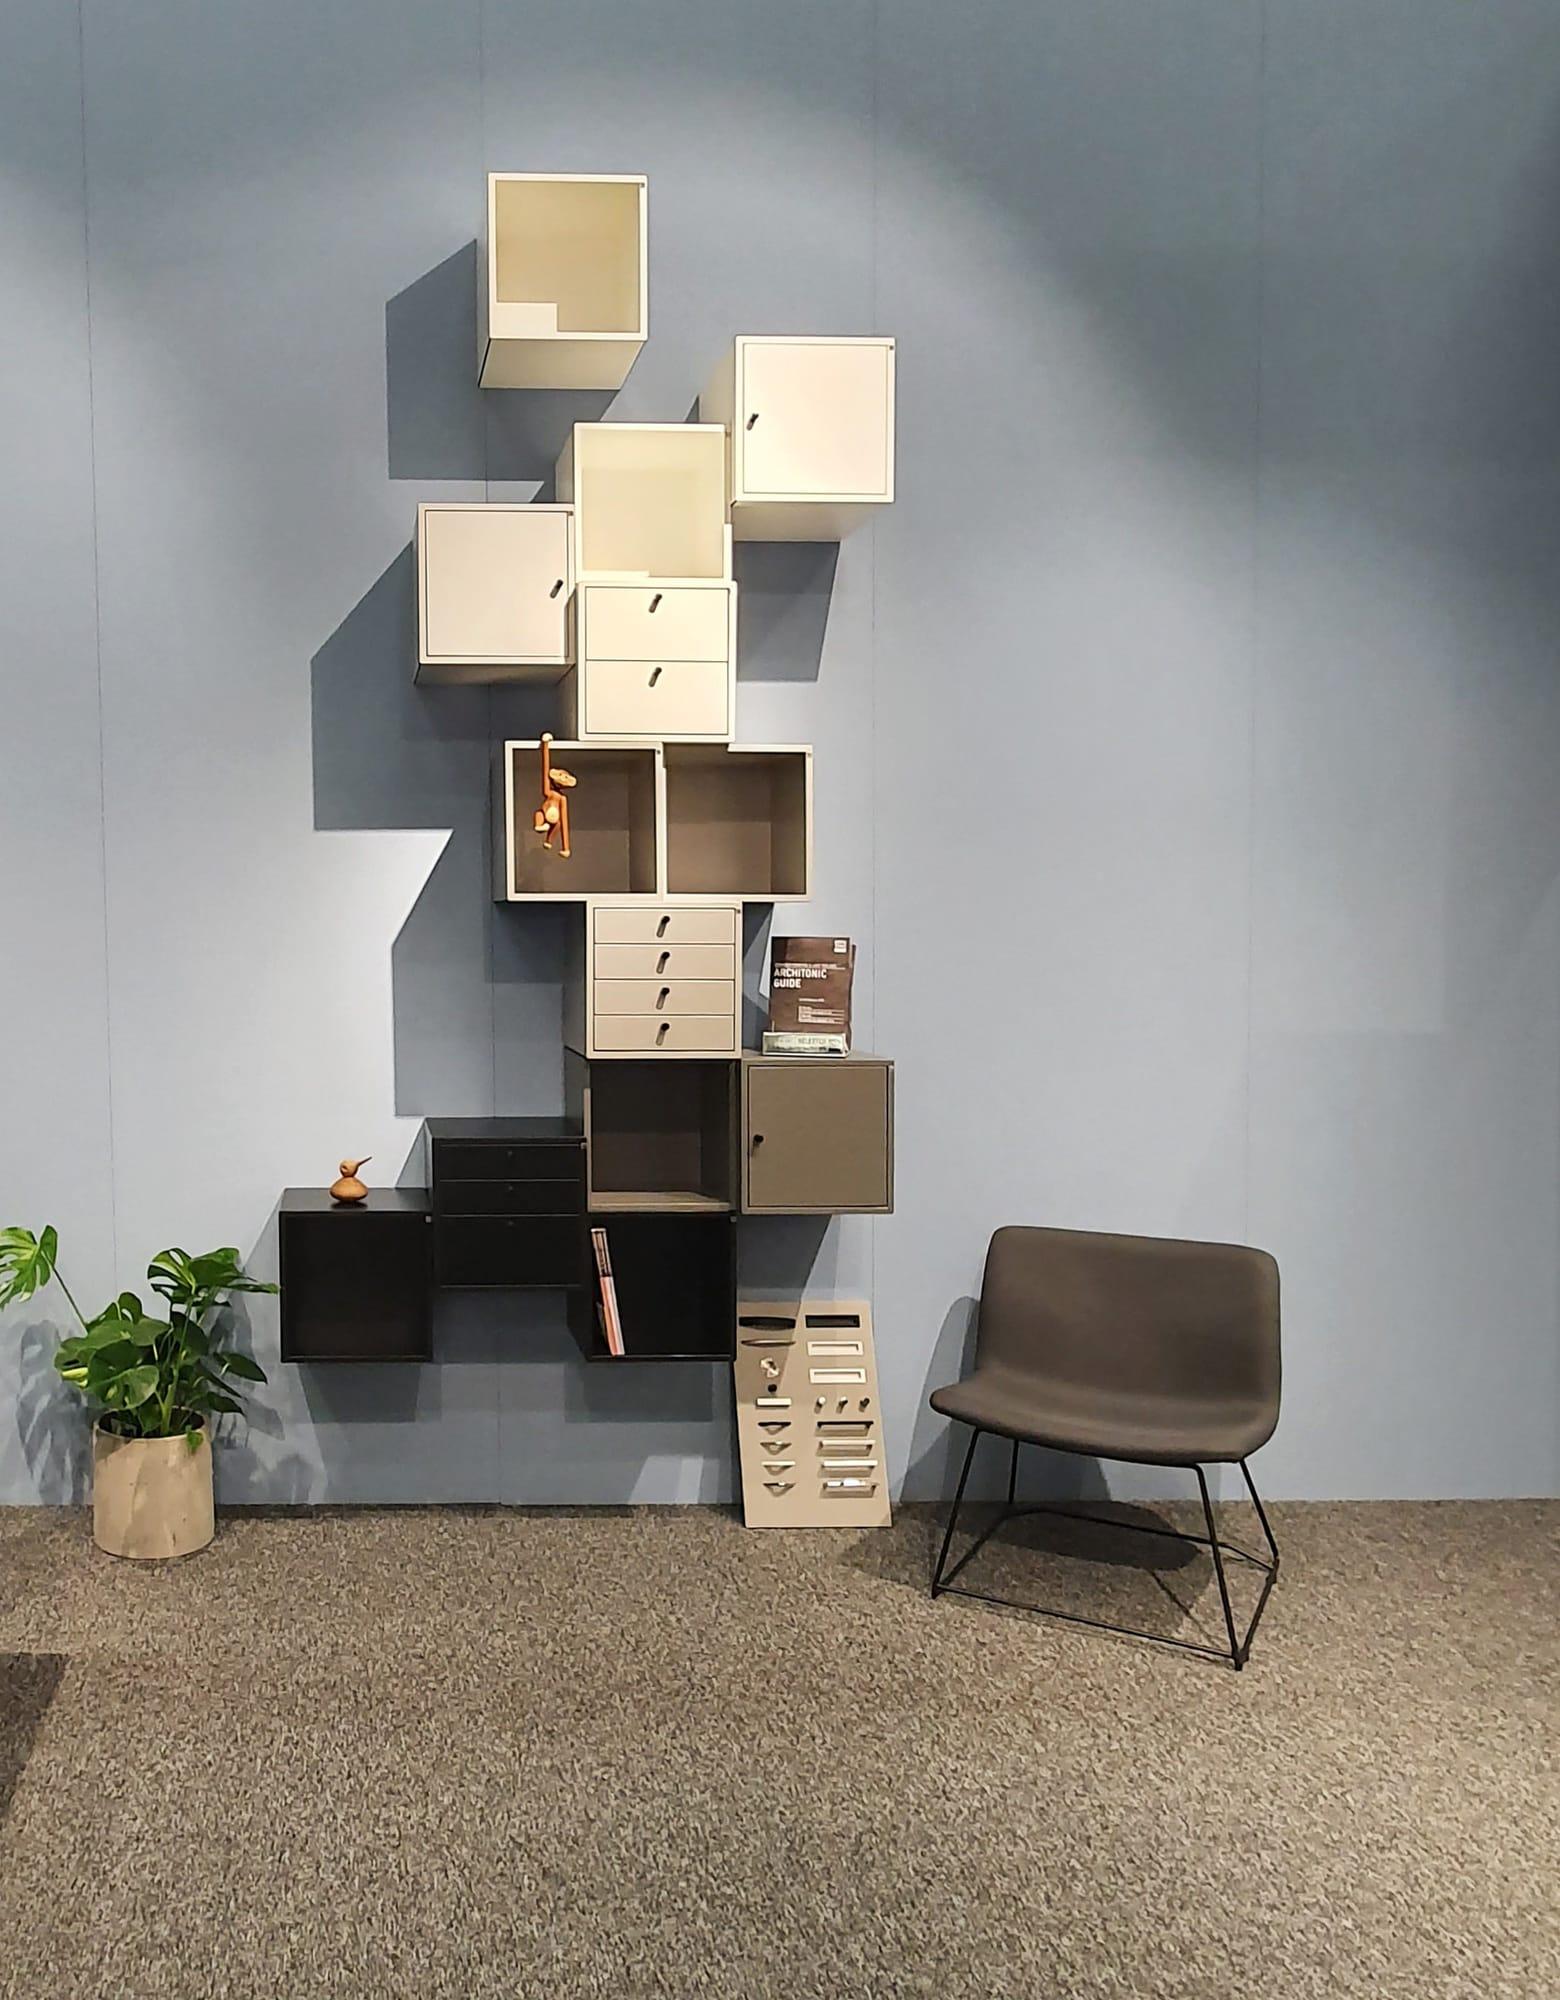 SFF20 - v-væg og loungestol